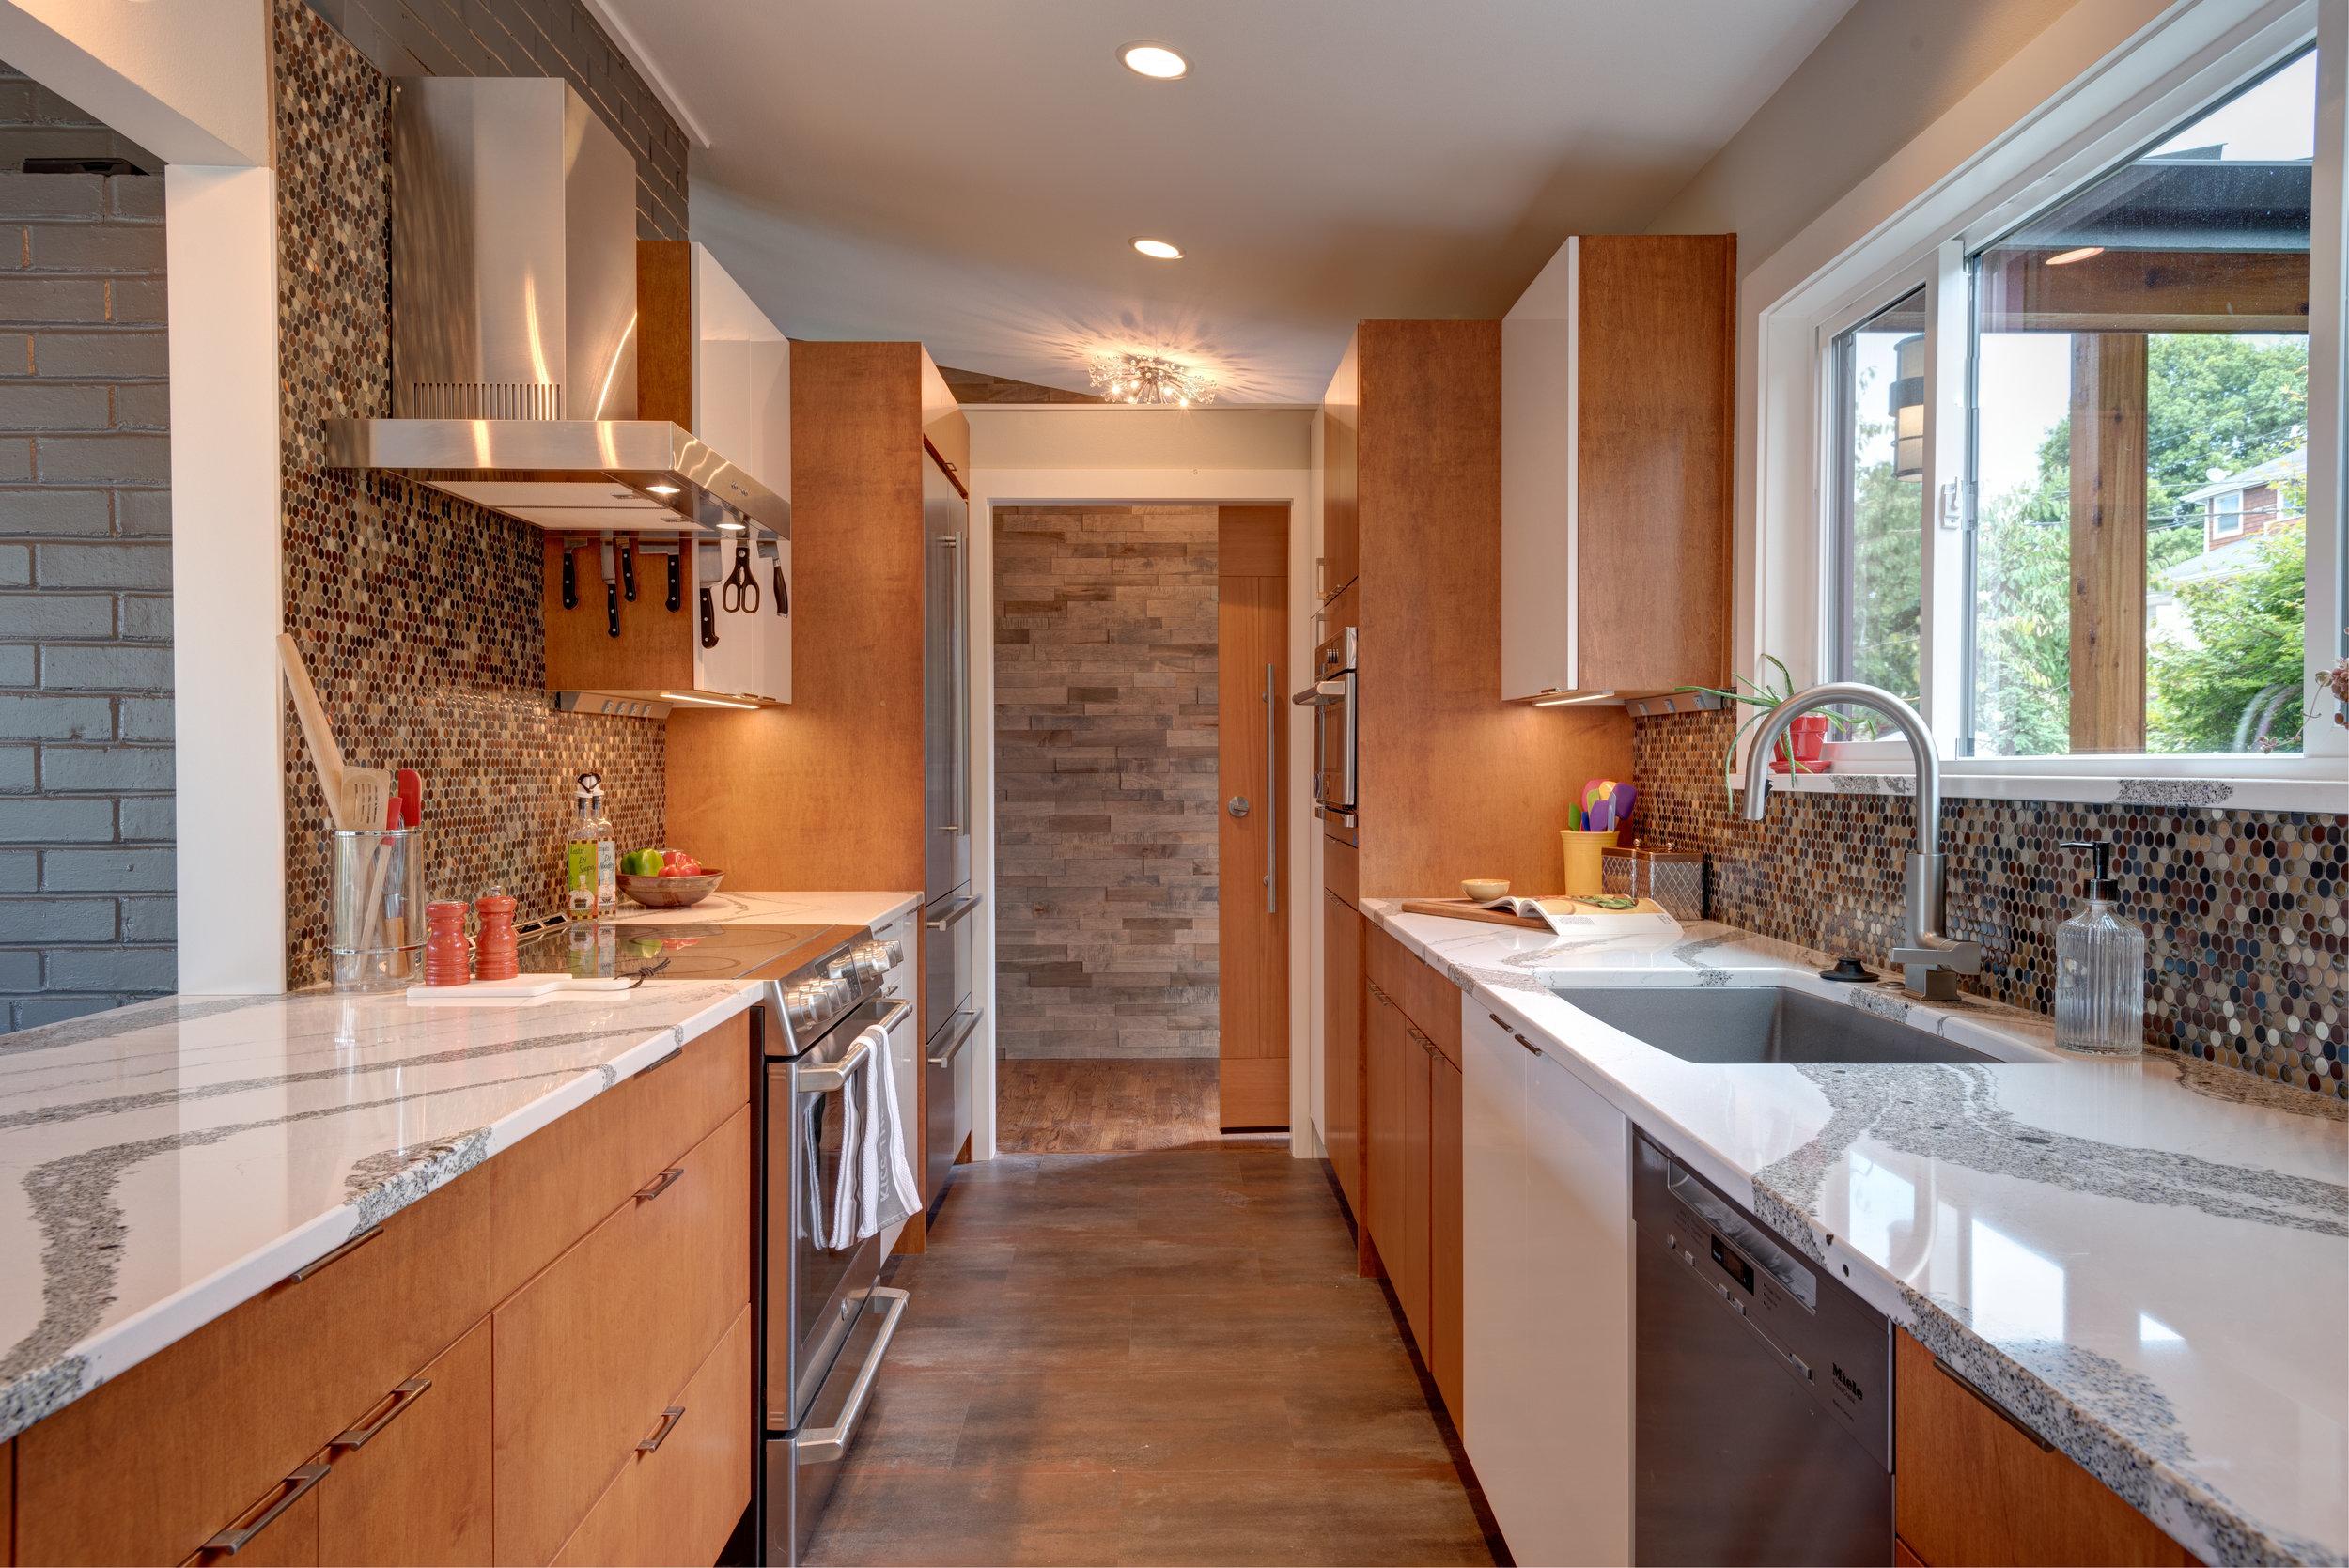 Melissa Irons - kitchen N view.jpg